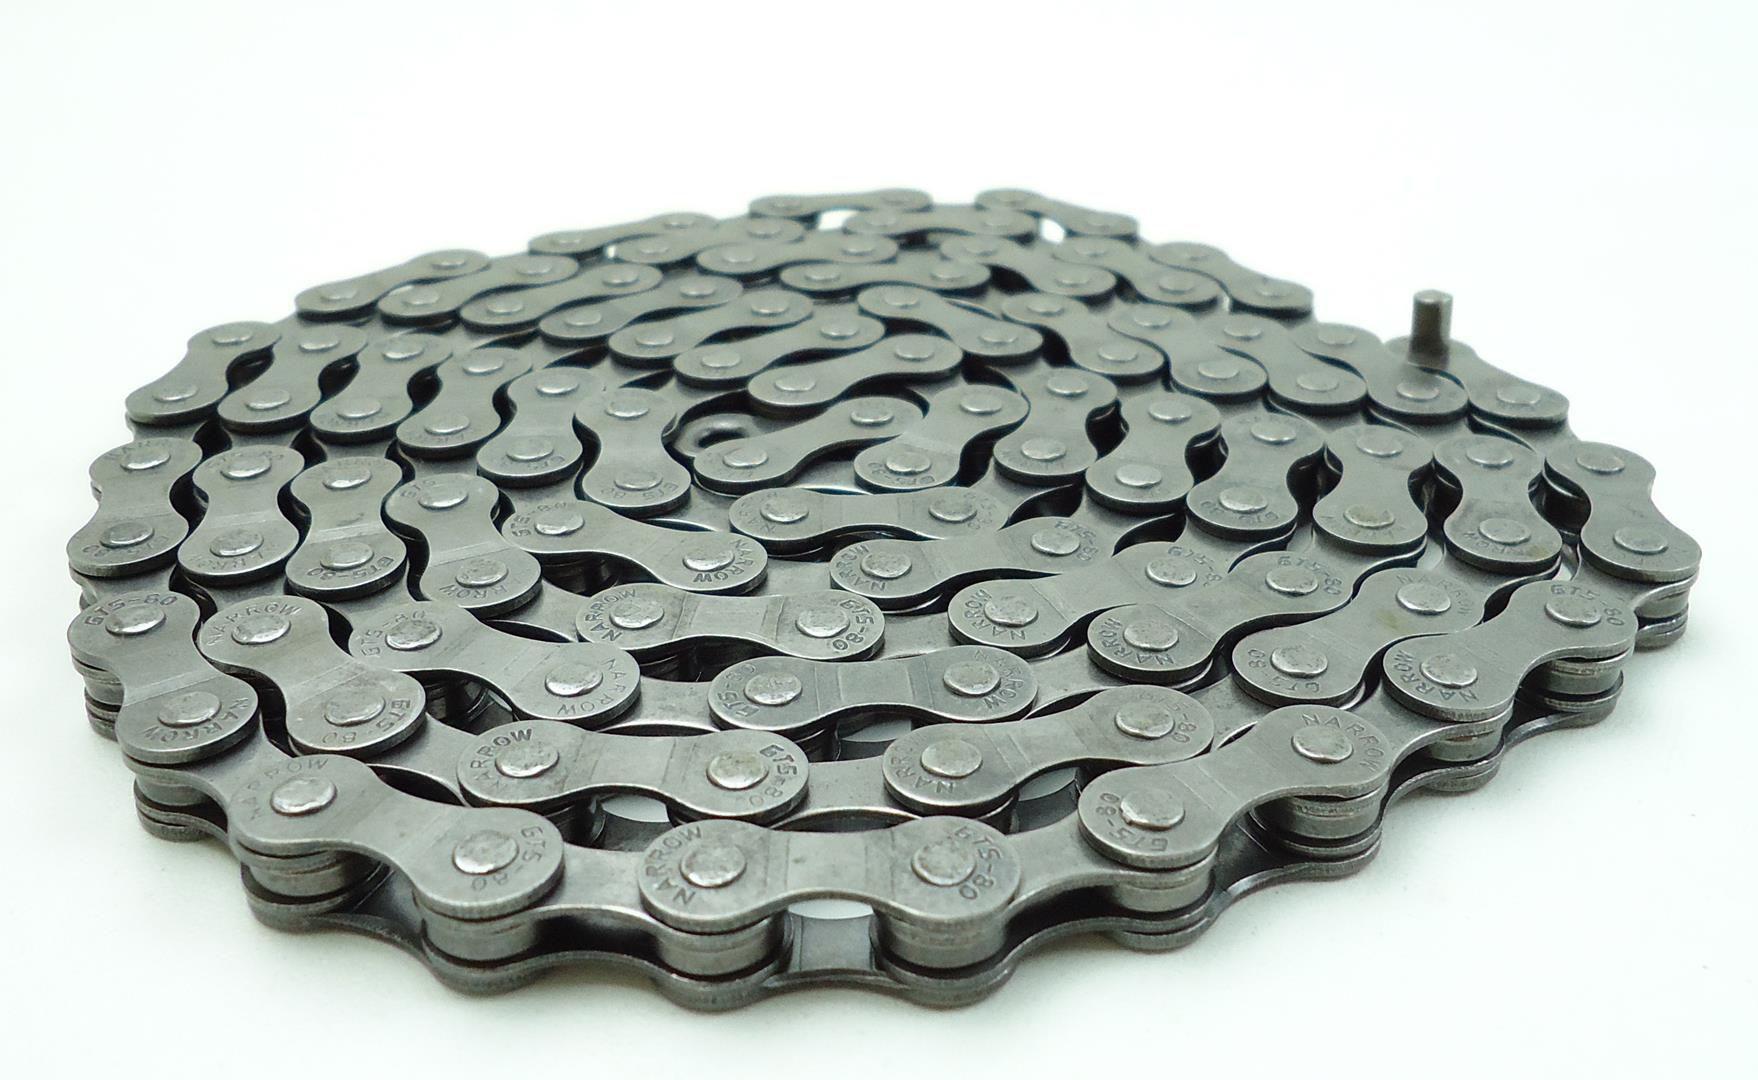 Corrente Bicicleta GTS 6-7-8 velocidades 116 Elos Indexada Serve em Shimano Sram 18-21-24 marchas